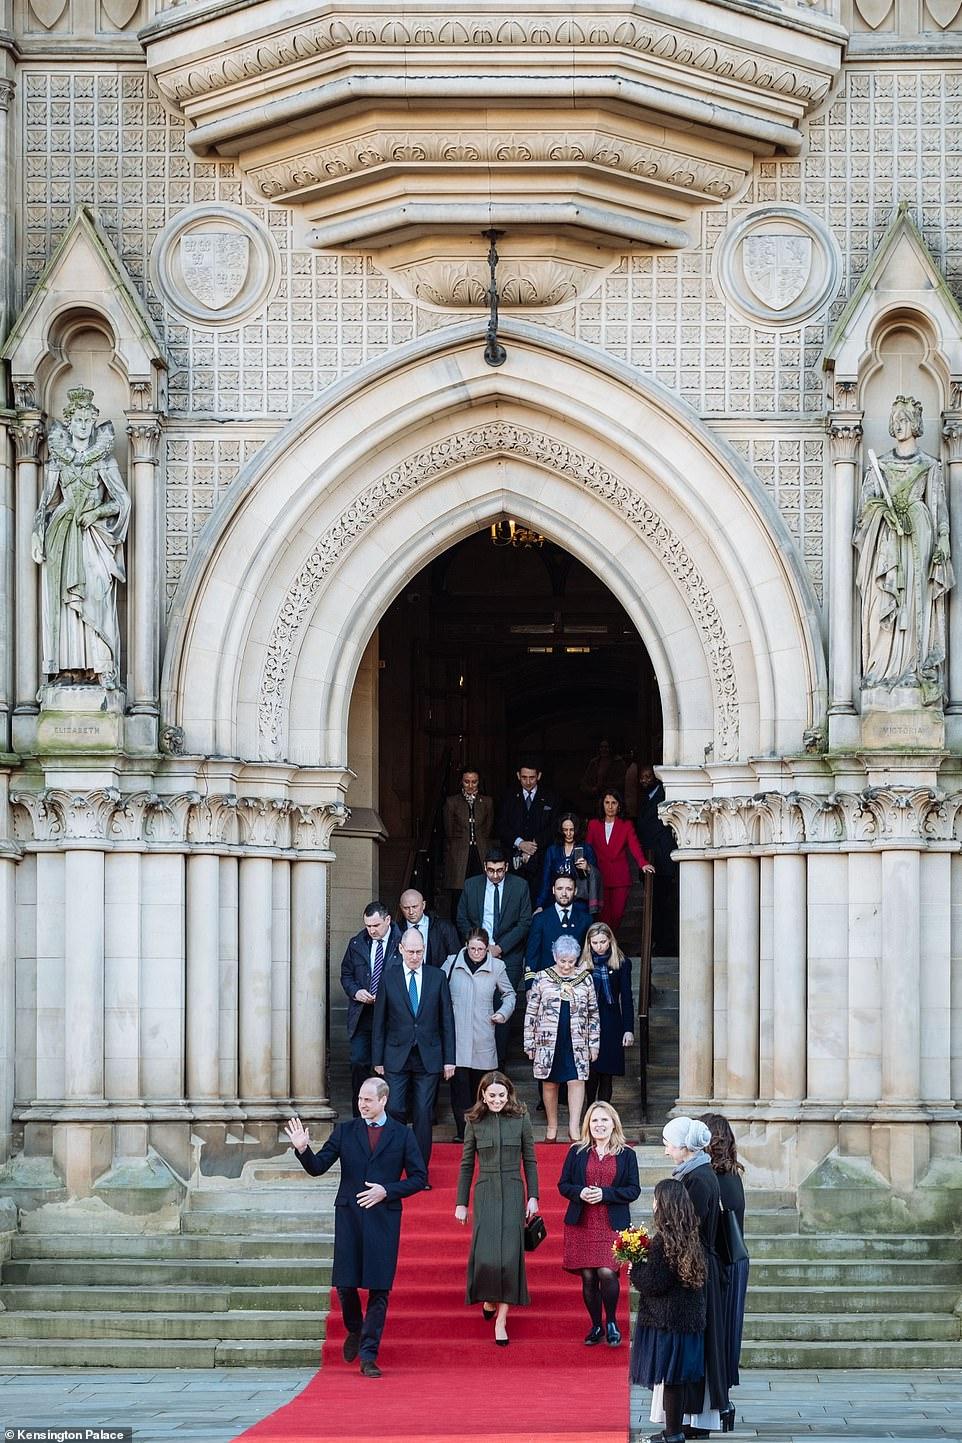 Принц Уильям и Кейт Миддлтон выглядят счастливыми на фоне скандала с Гарри и Меган